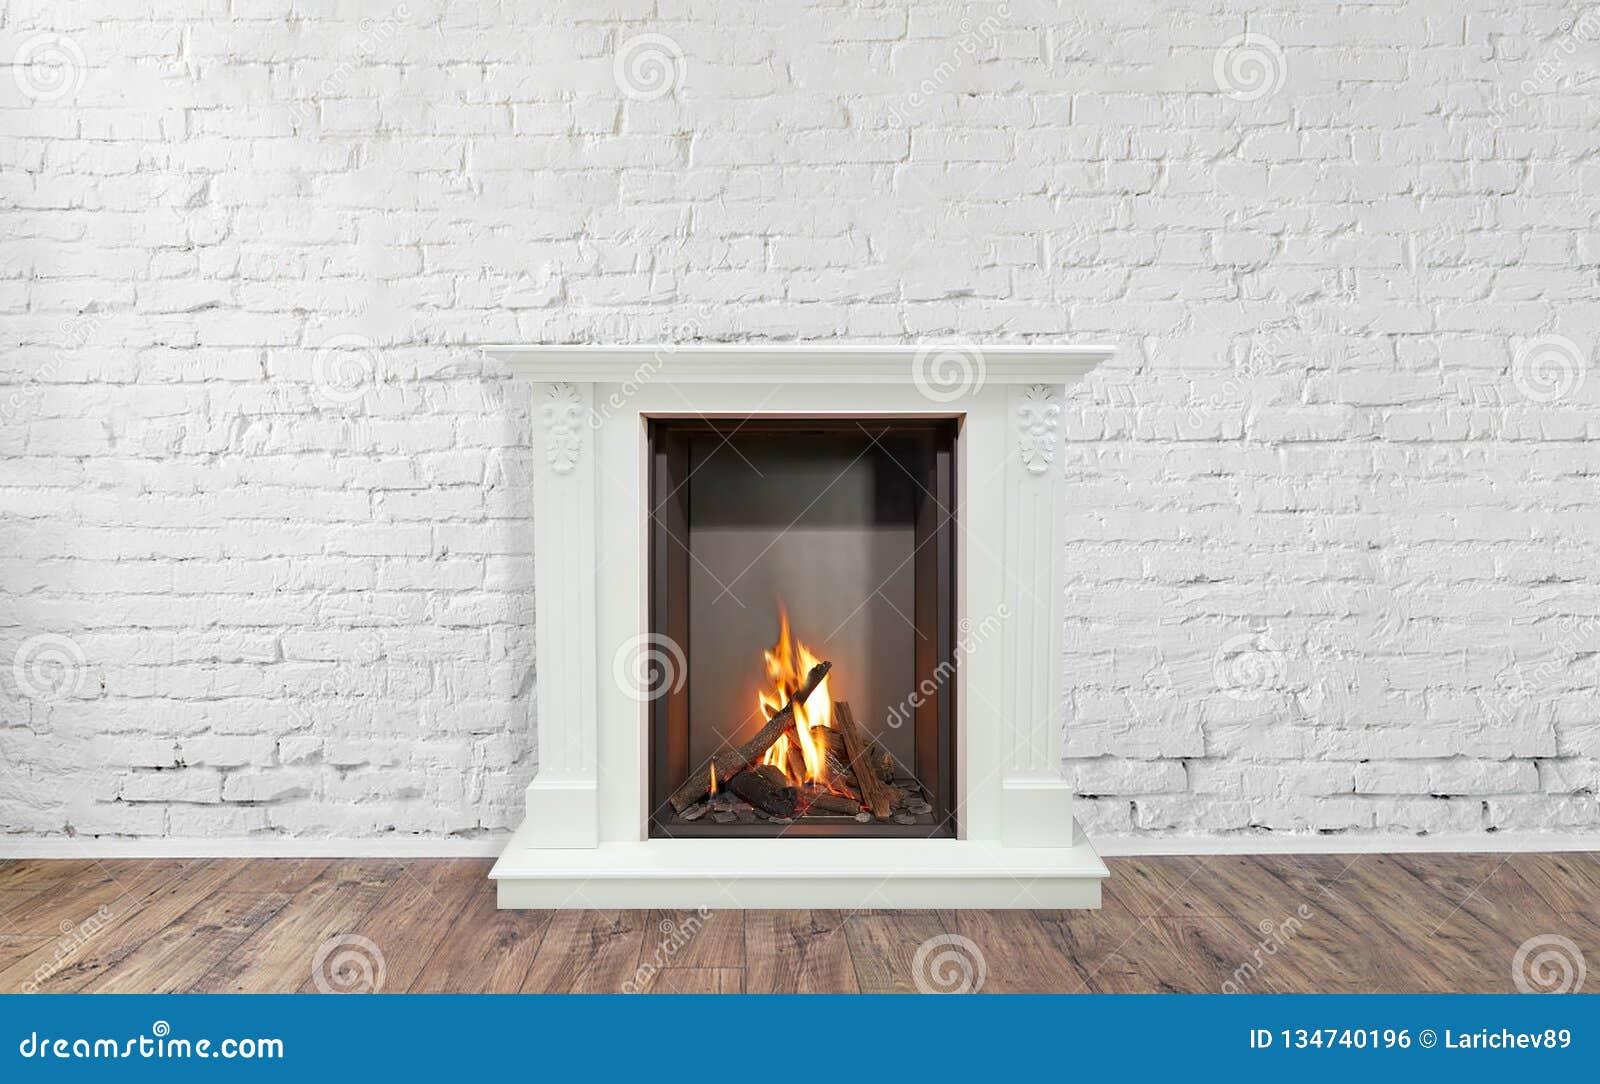 Camino Classico Bianco : Camino classico bruciante di marmo bianco salone vuoto su fondo